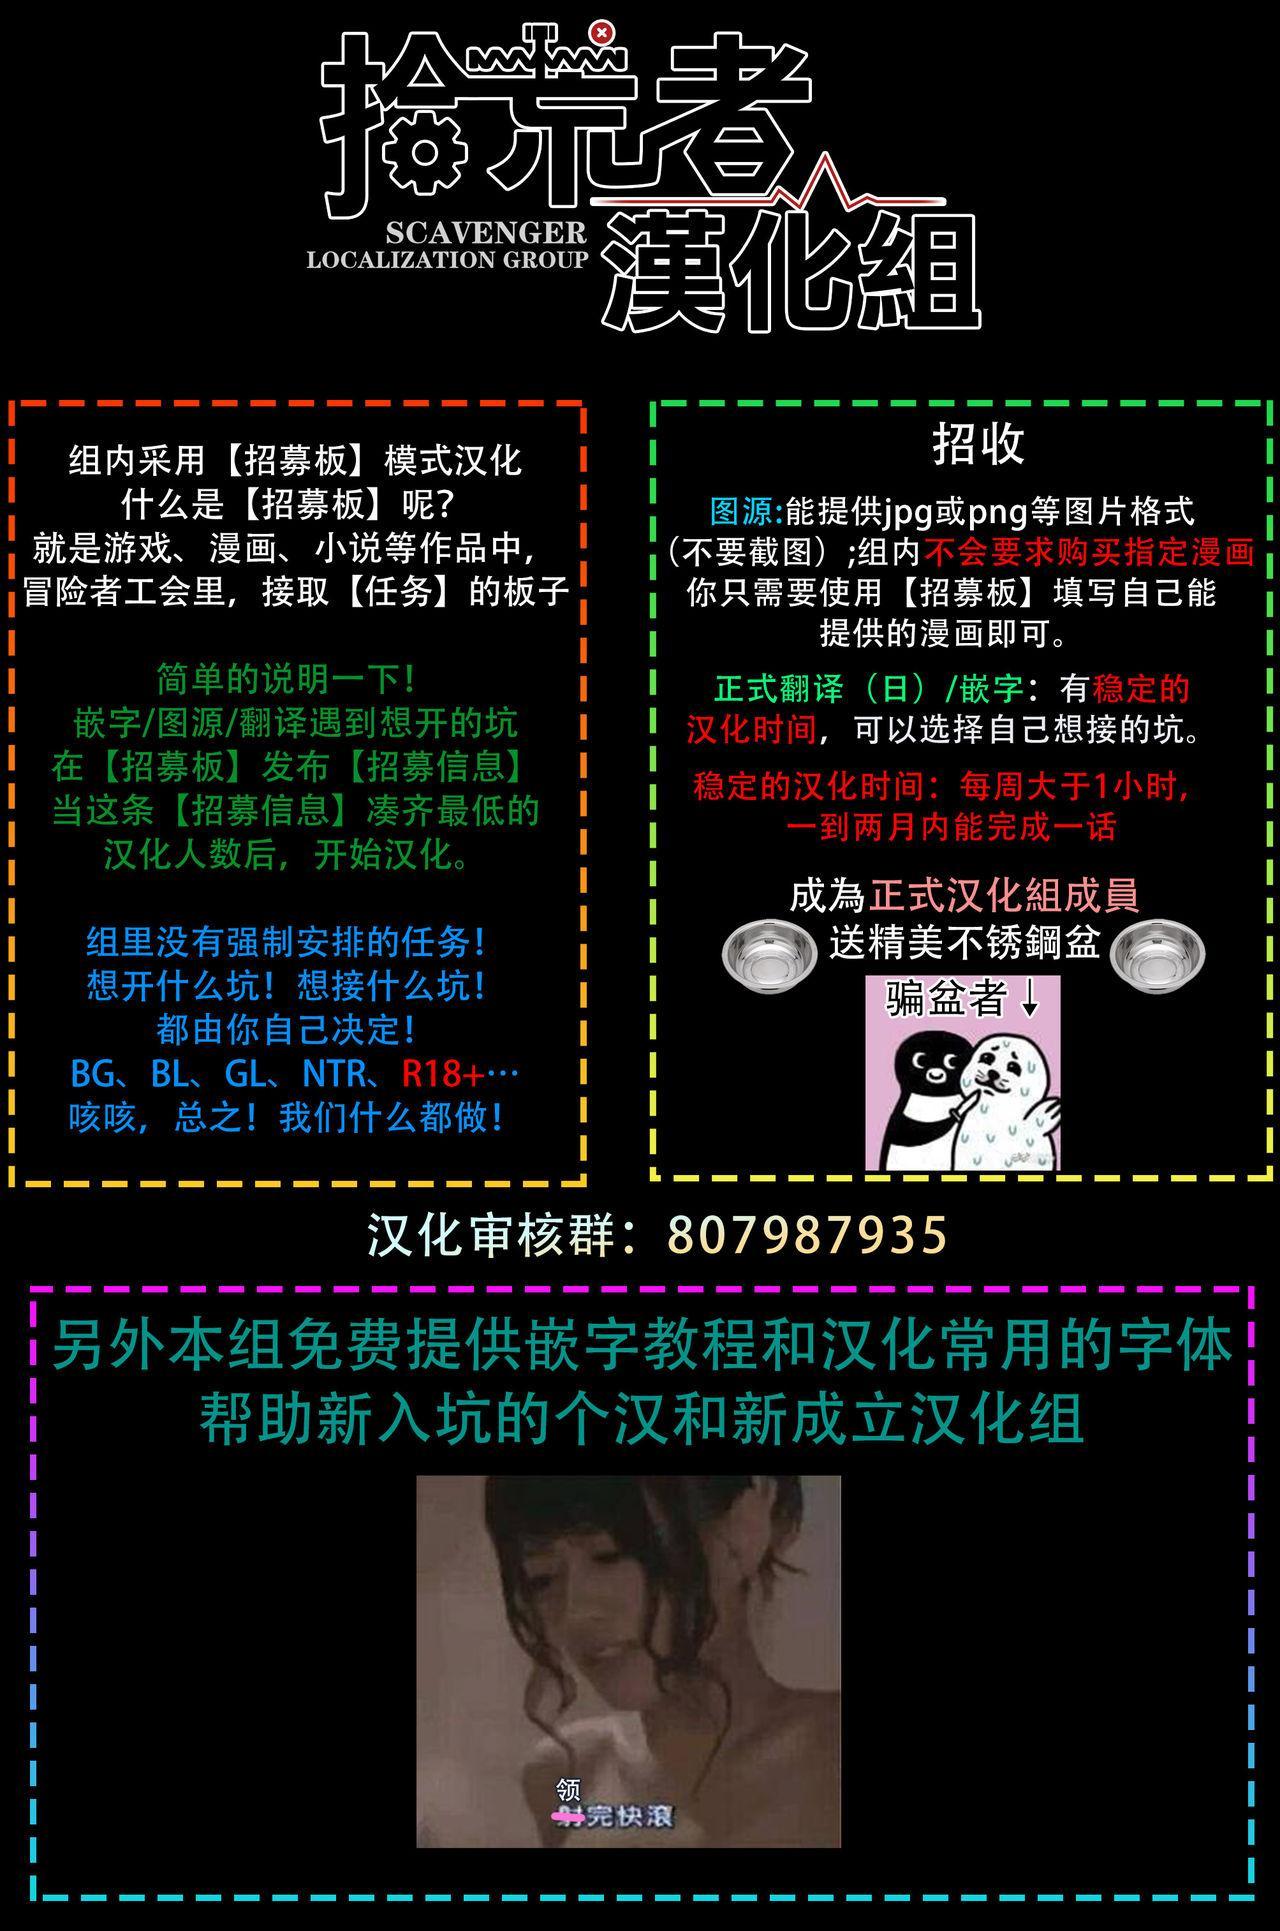 Ore no Sekai o Hakai Suru Otoko 1   要破坏我世界的男人 1 33